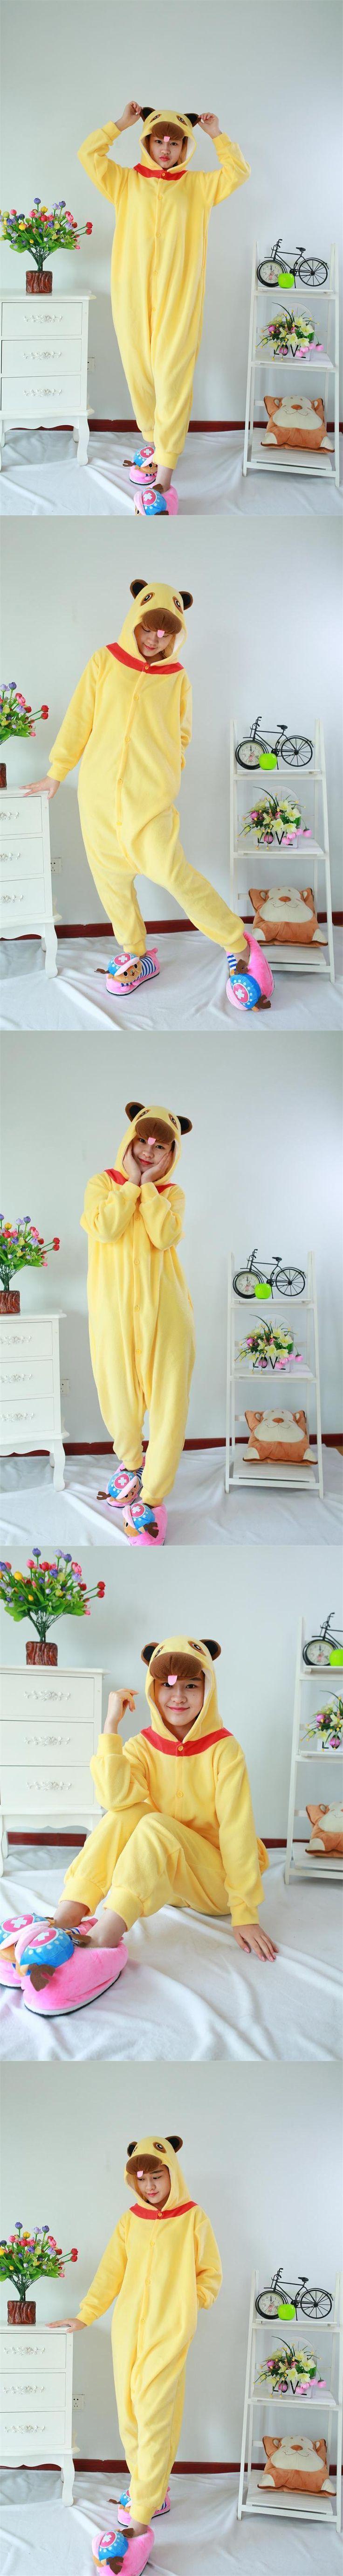 Cute cartoon onesie adult costume Animal Cosplay Costume Pug Dog Onesie Unisex-adult Pajamas Cartoon Sleepwear pijama